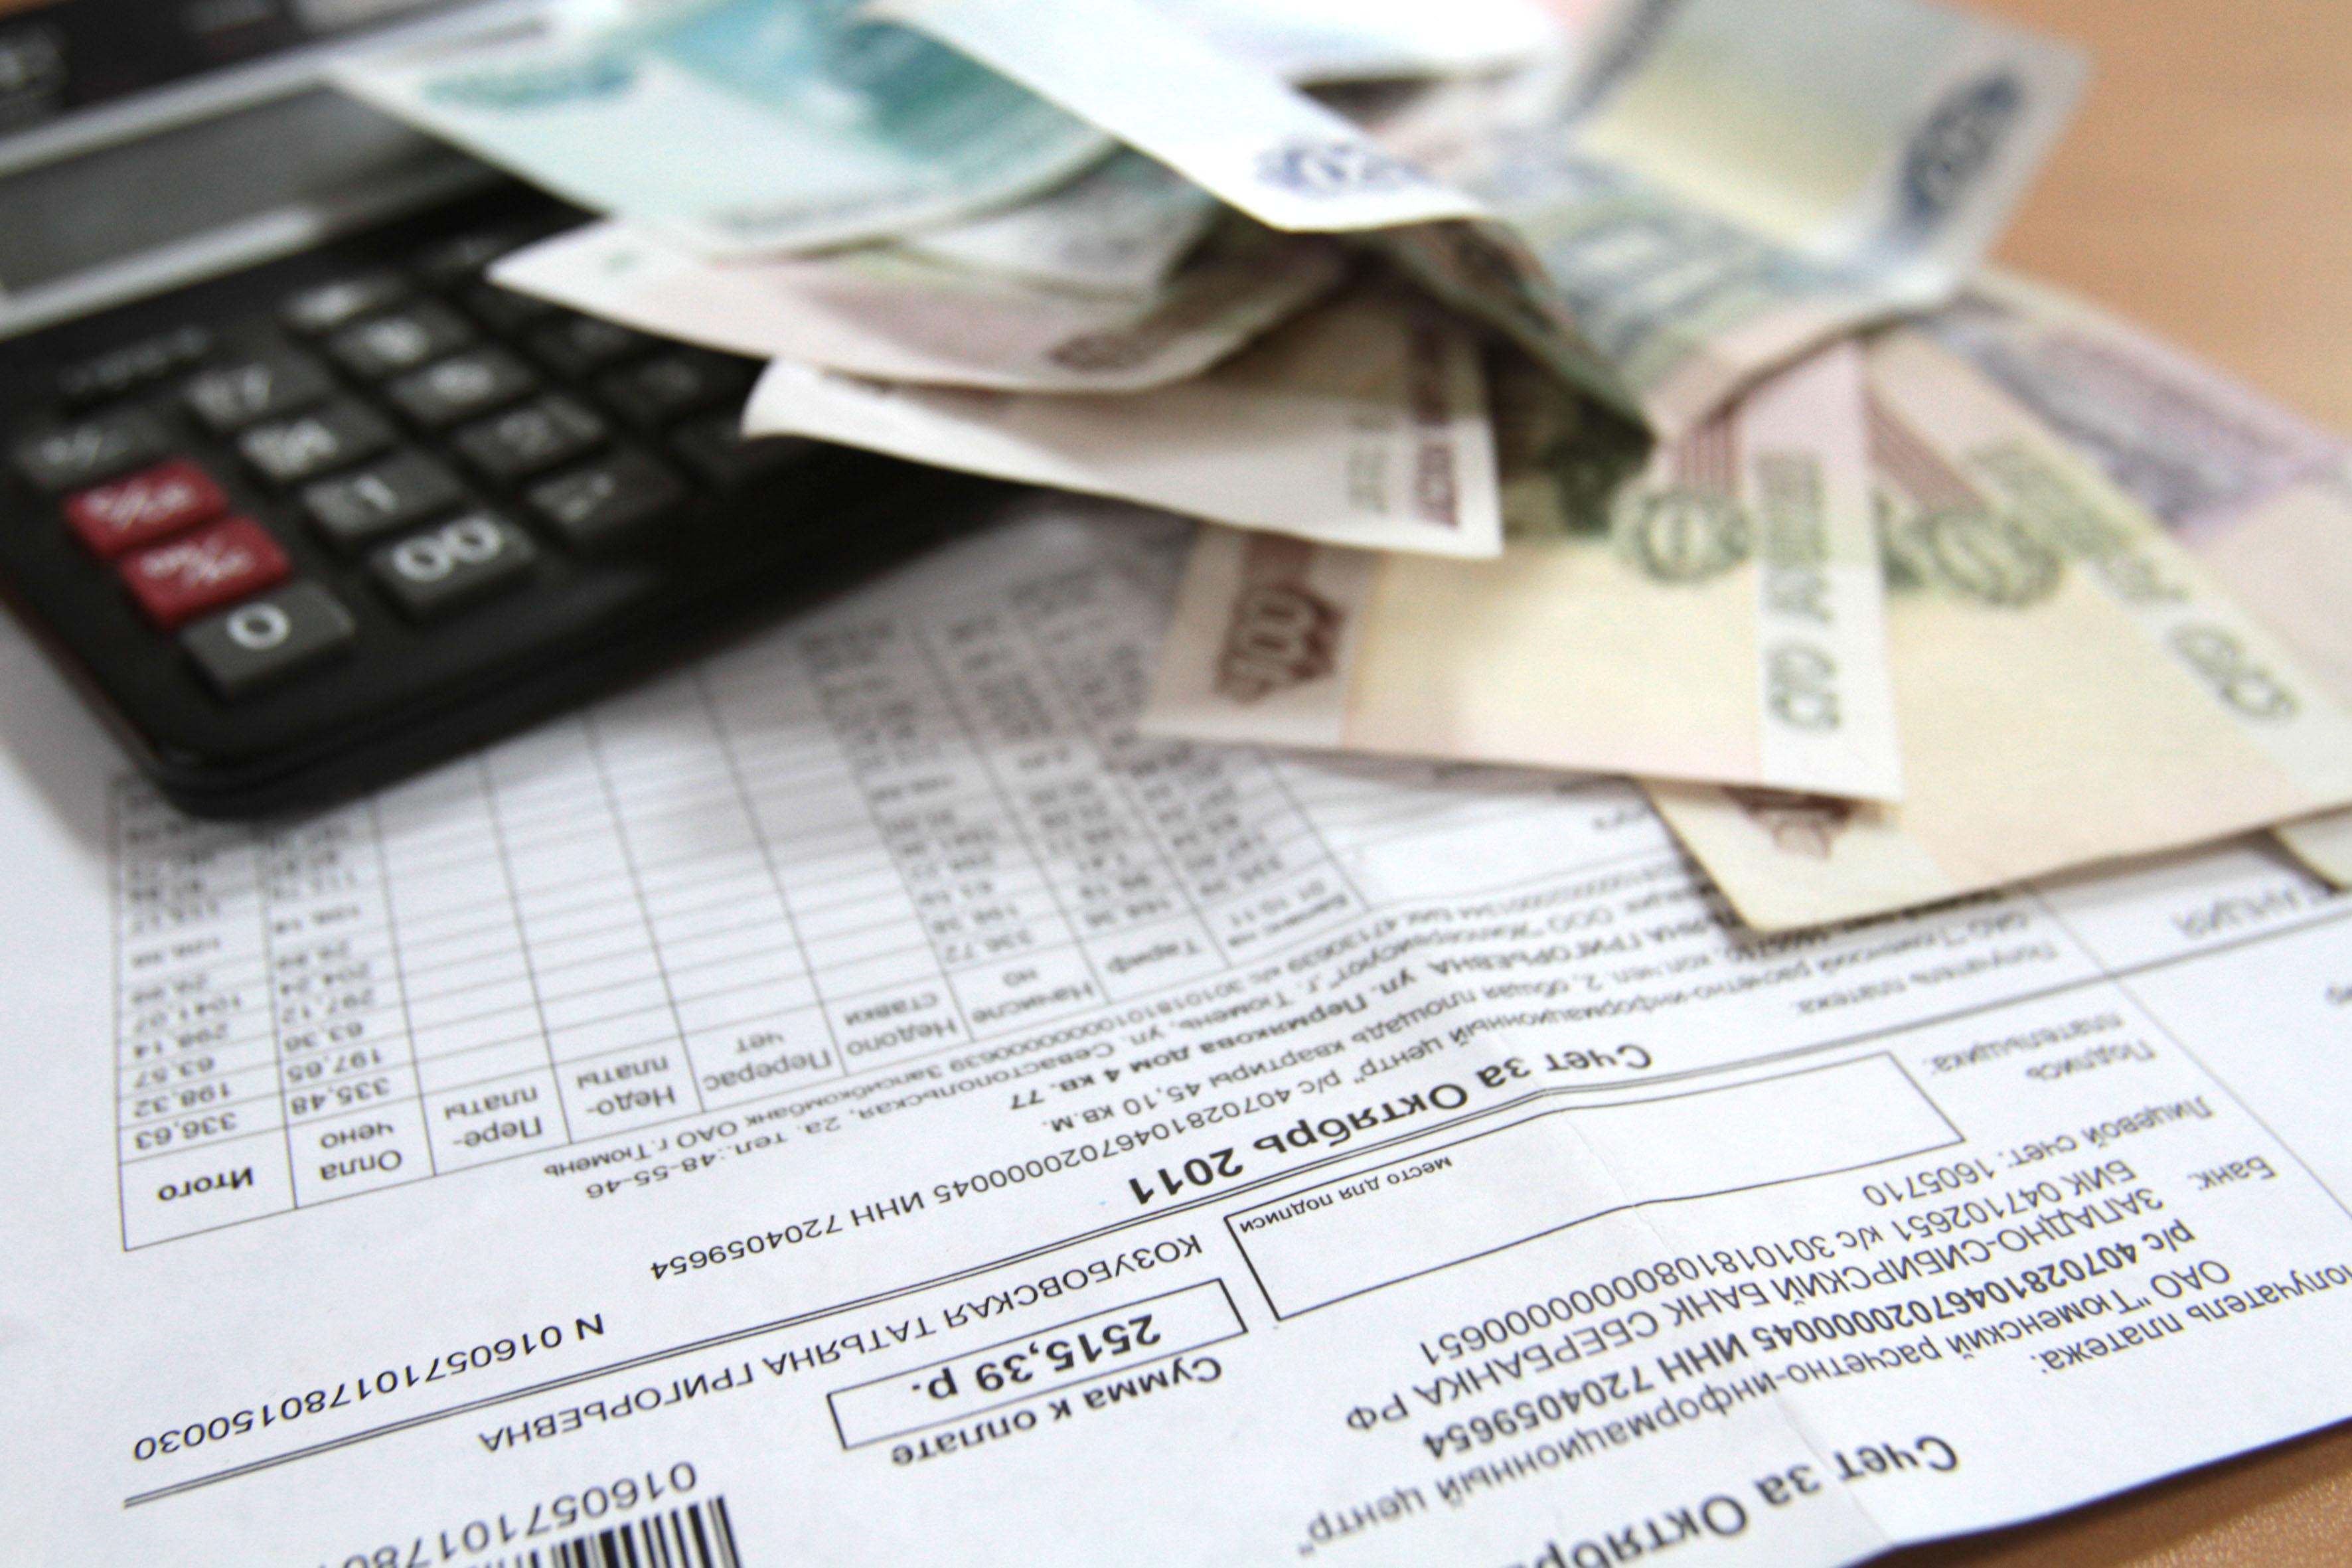 Изображение - Где узнать тарифы на коммунальные услуги tn_207483_1253961e1892